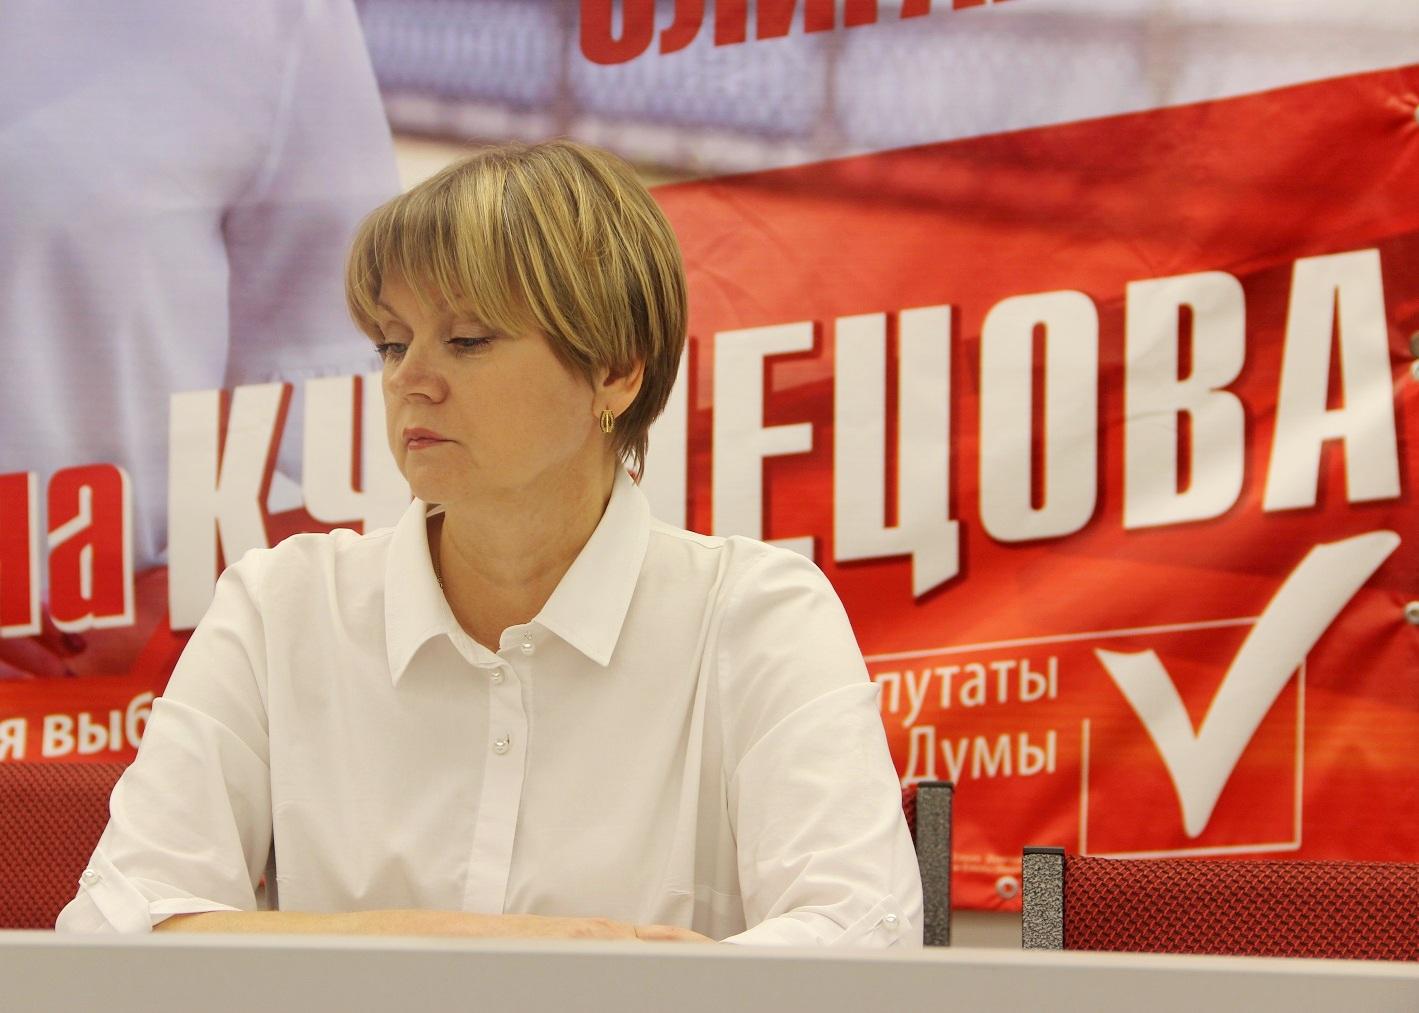 Кандидат в депутаты Госдумы от КПРФ Елена Кузнецова обратилась к прокурору области